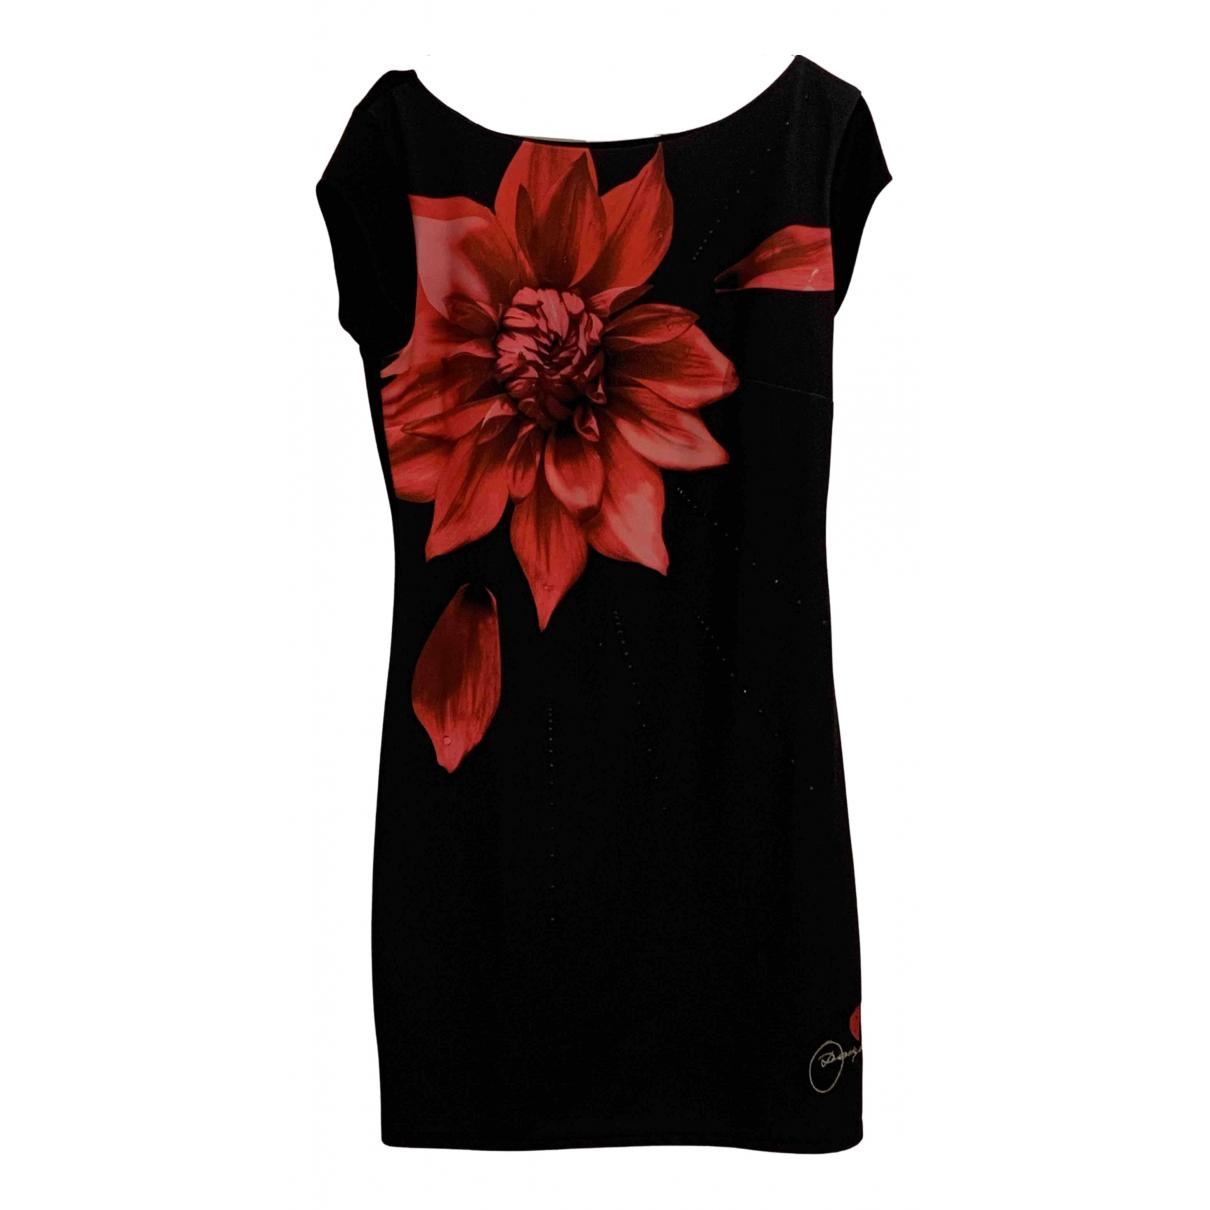 Desigual \N Kleid in  Schwarz Polyester